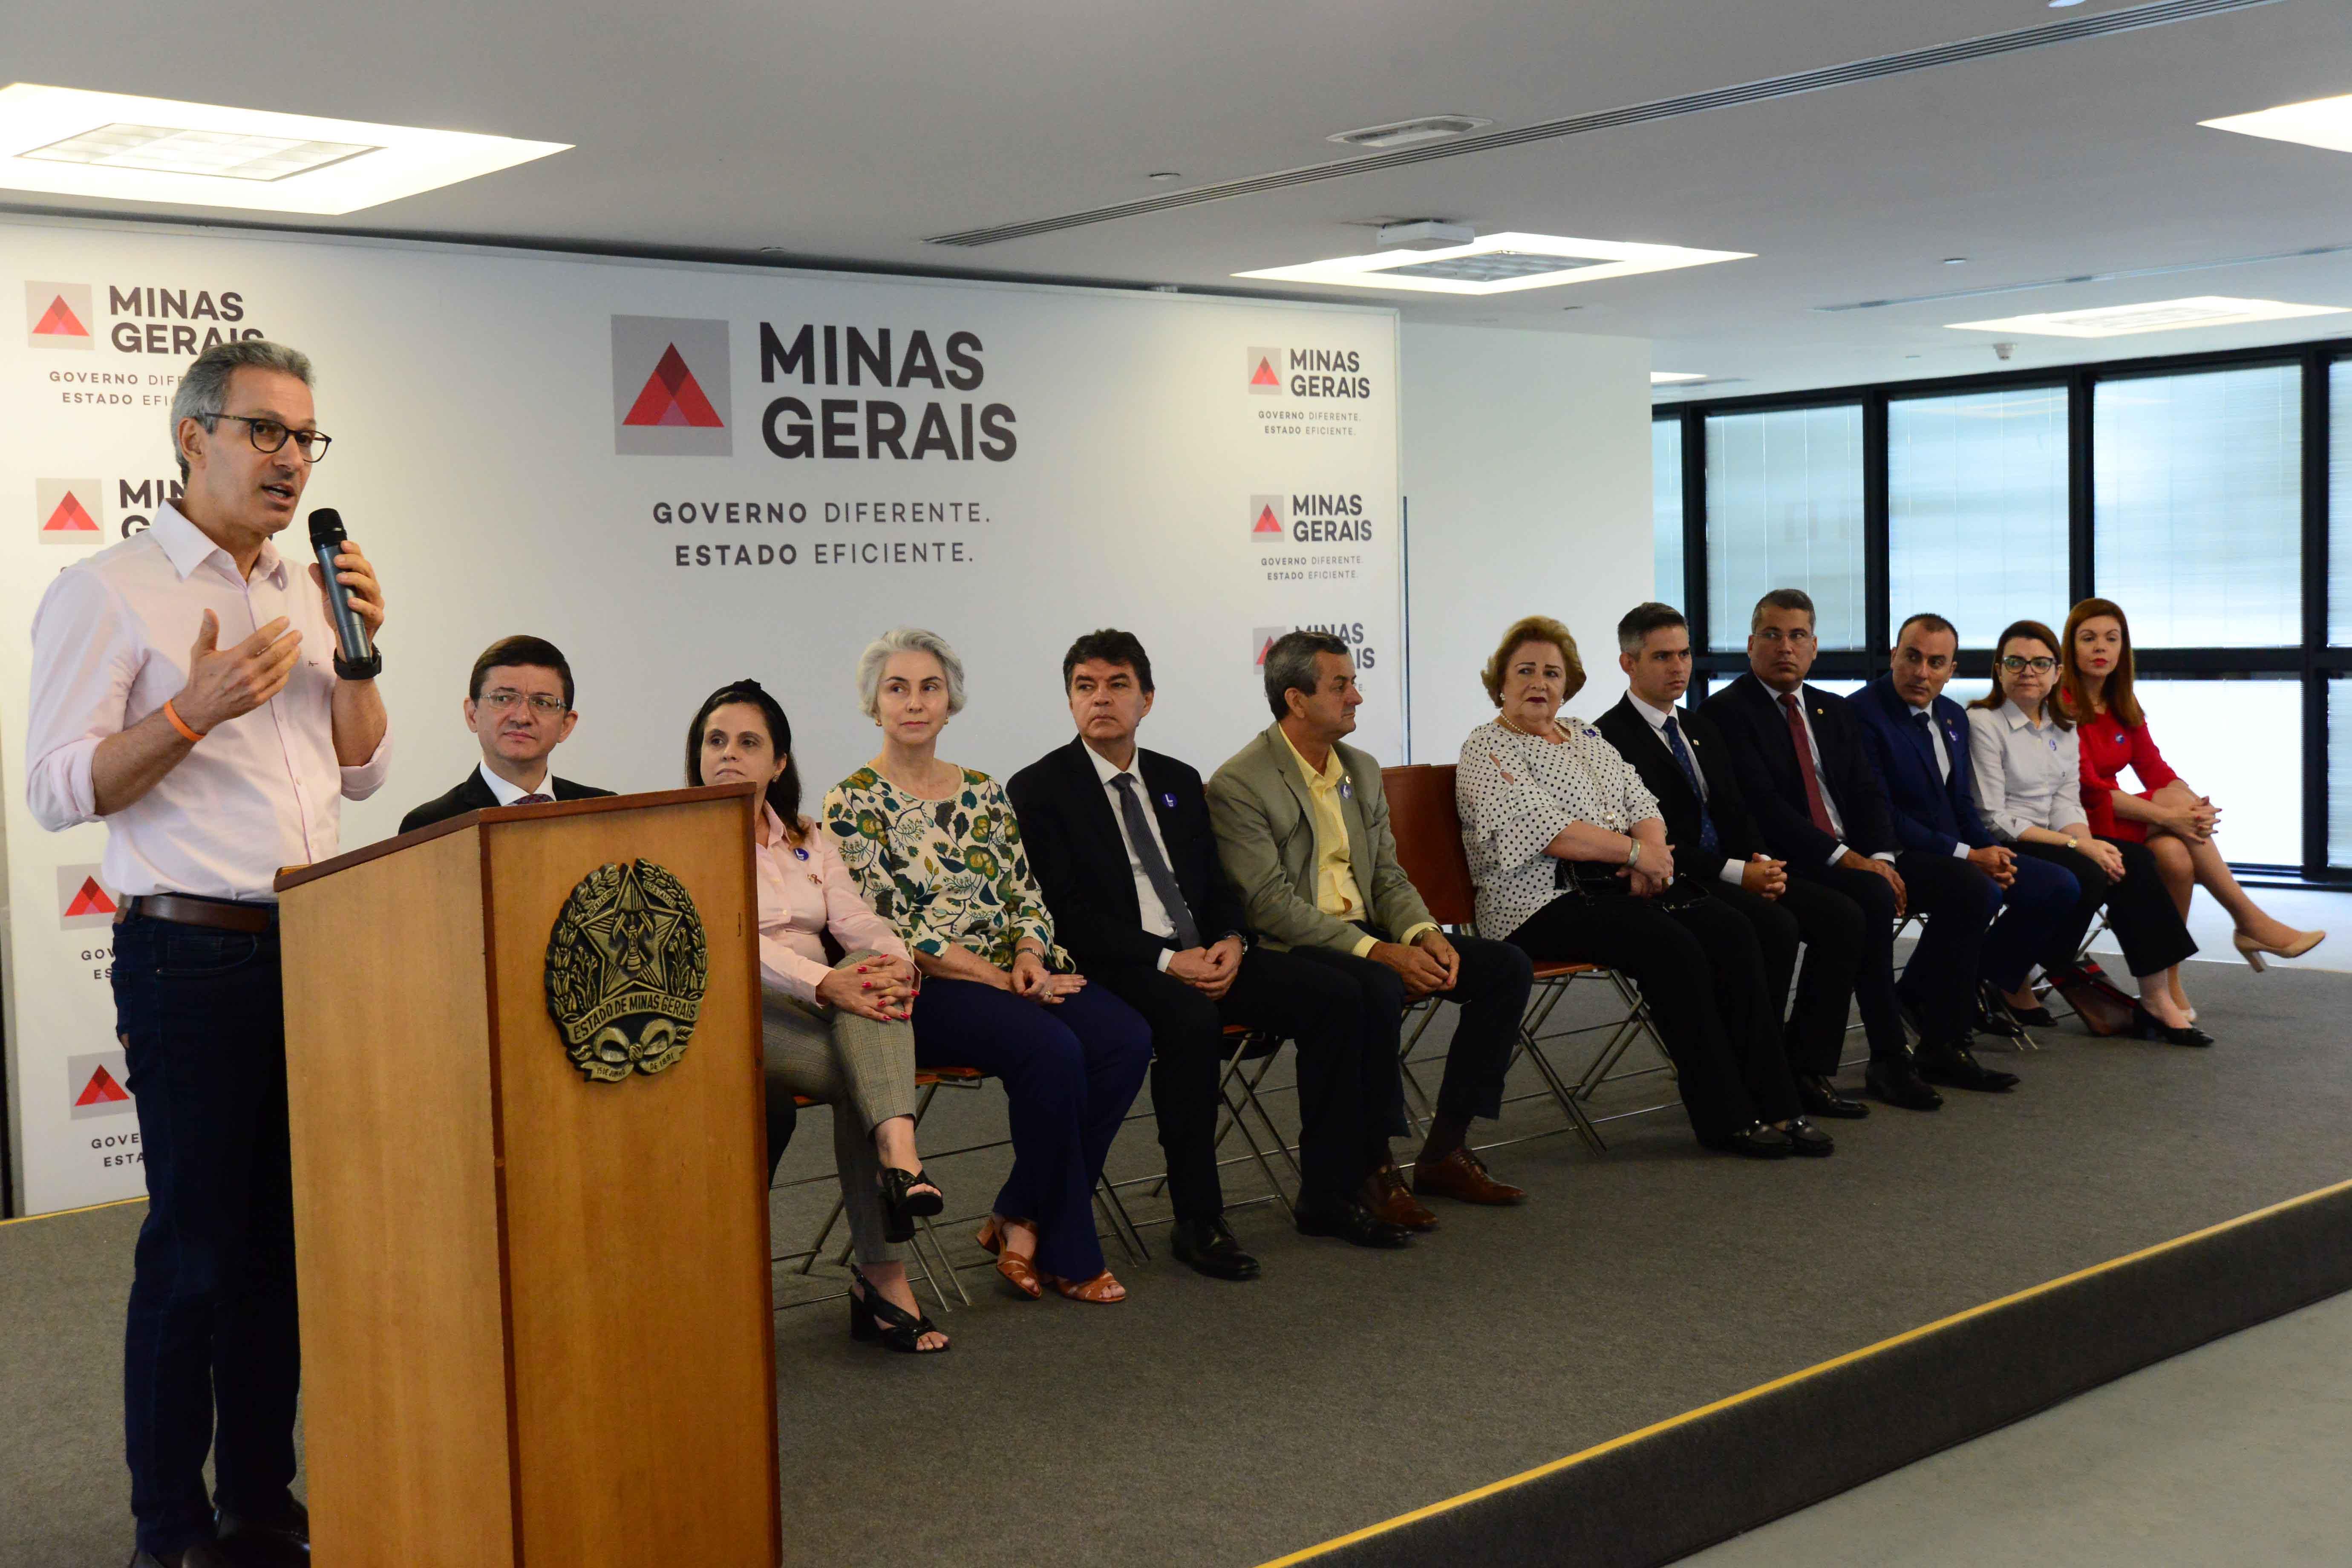 Governador Romeu Zema lança programa de conversão de multas em serviços ambientais